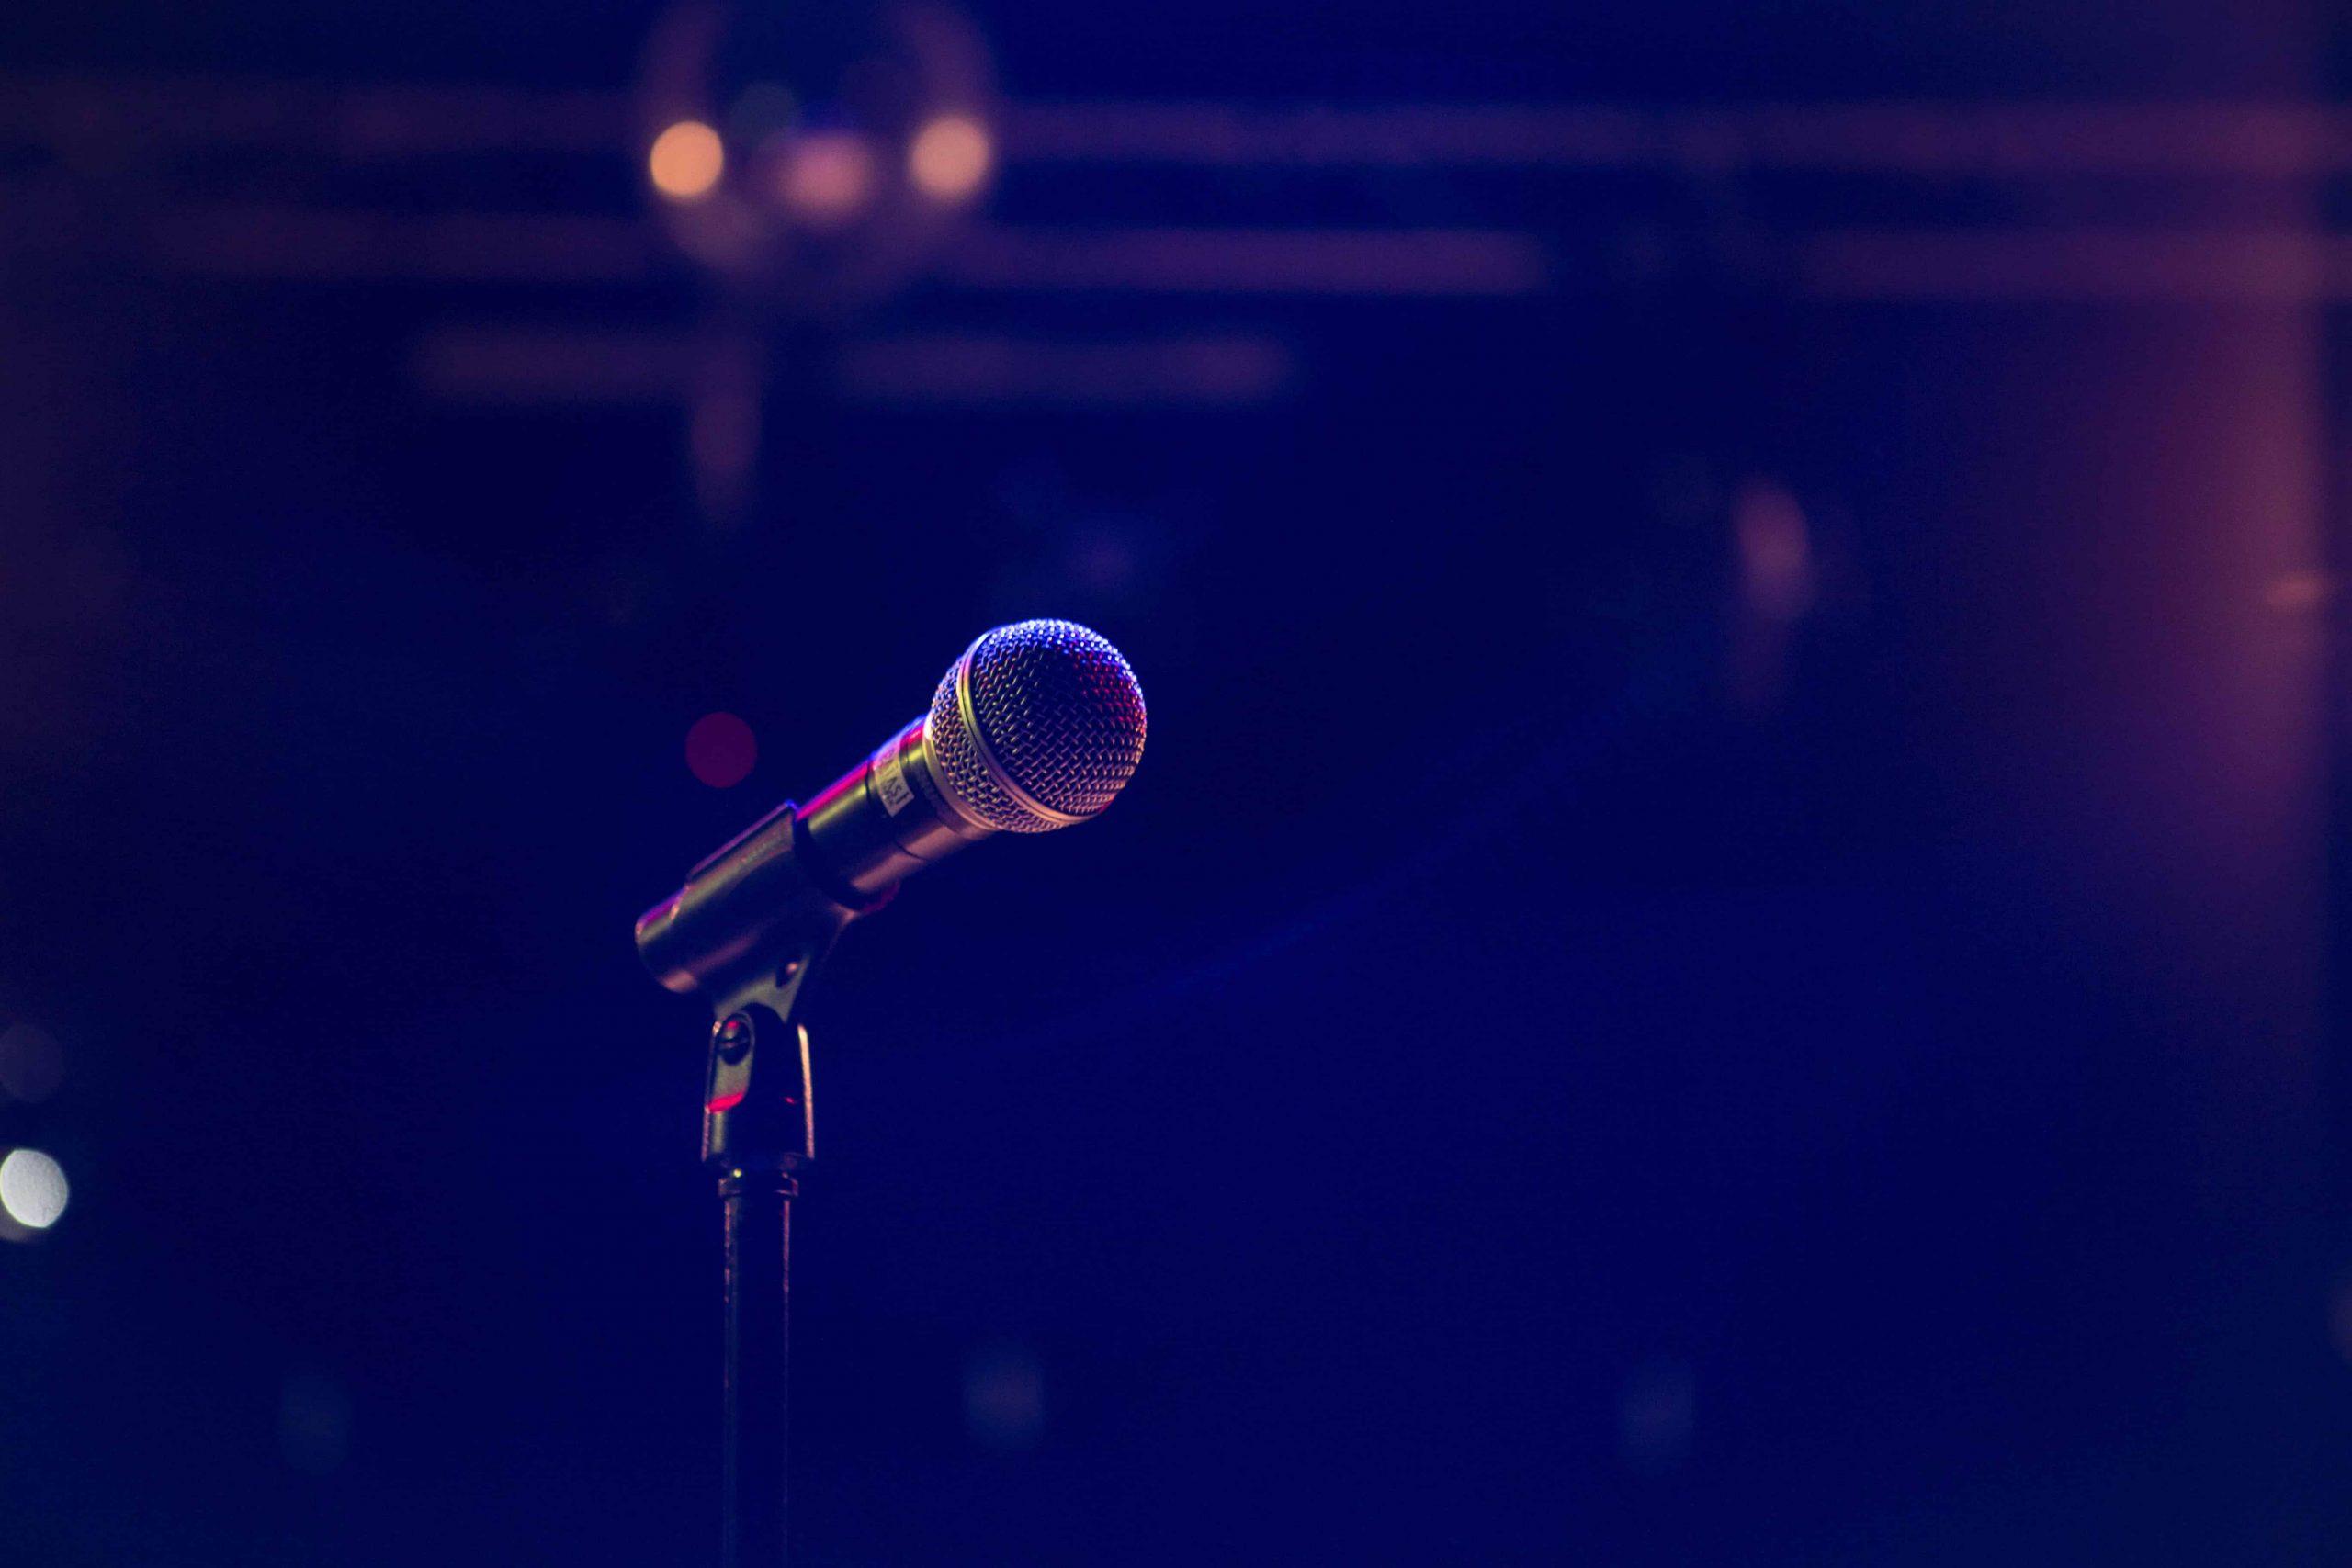 Mikrofonständer: Test & Empfehlungen (01/21)